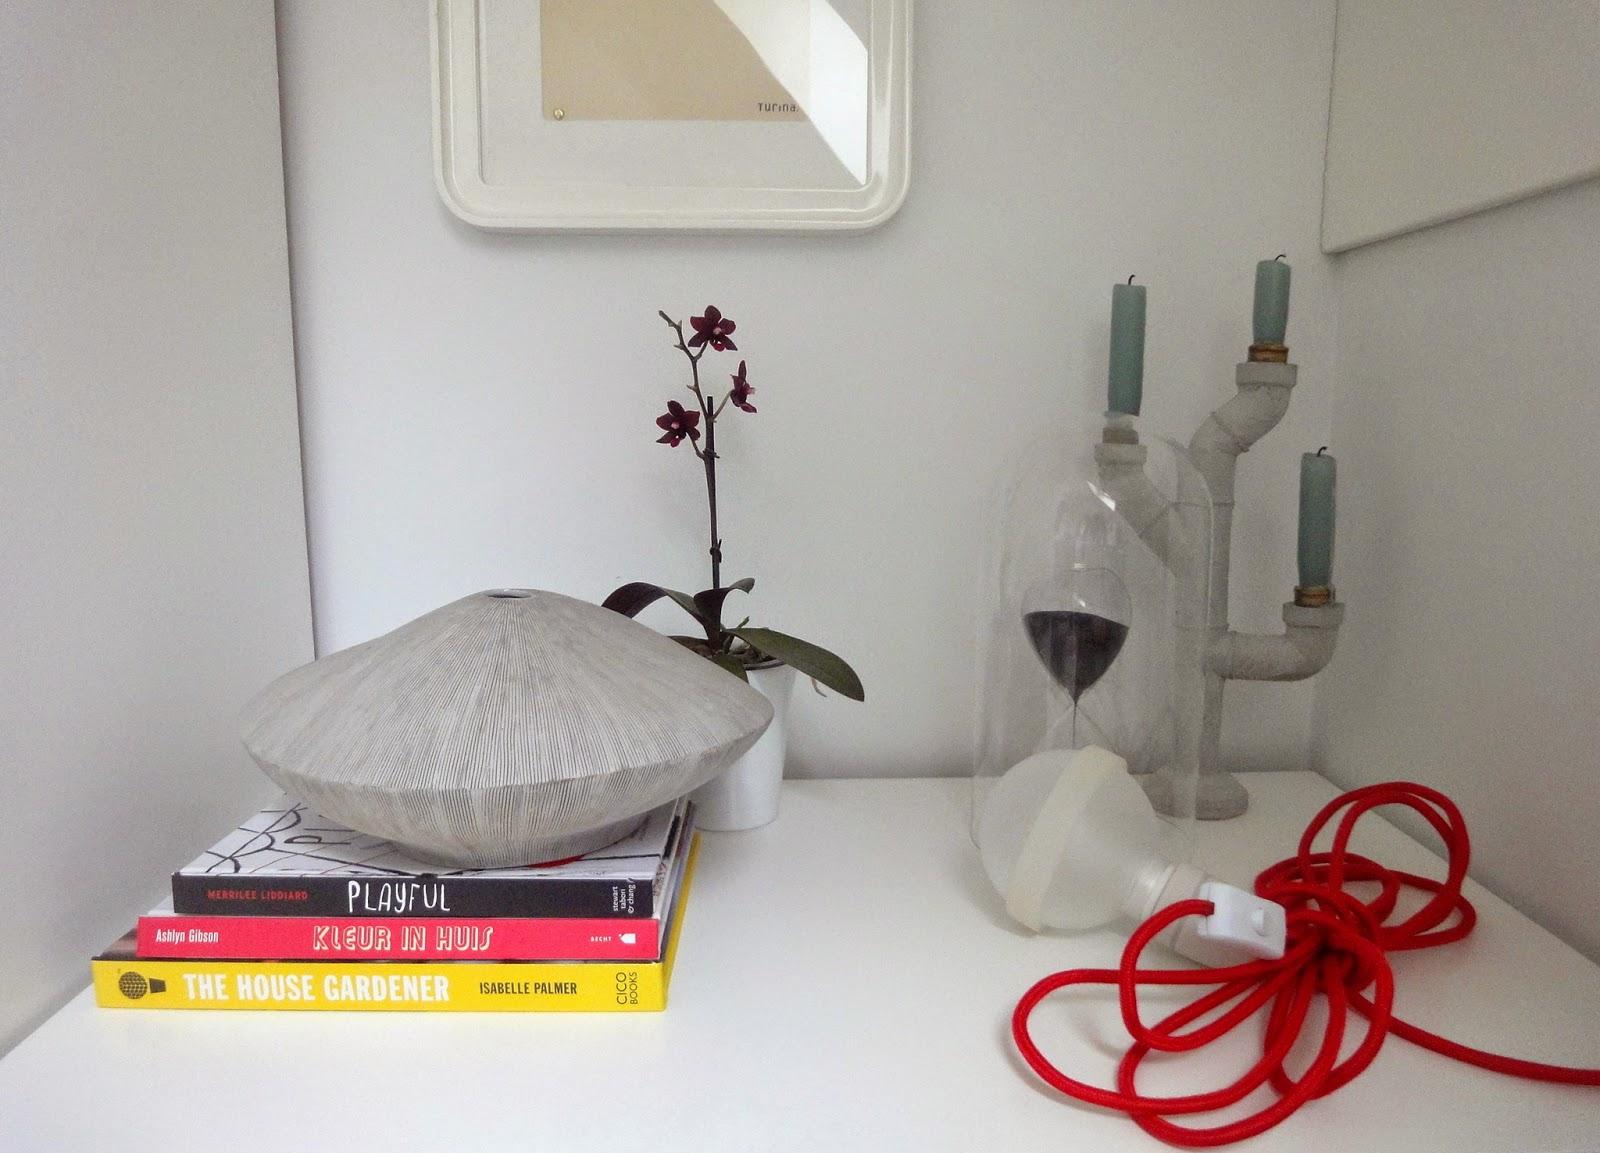 designedlifeblog.blogspot.com hats off bedroom storage vignette